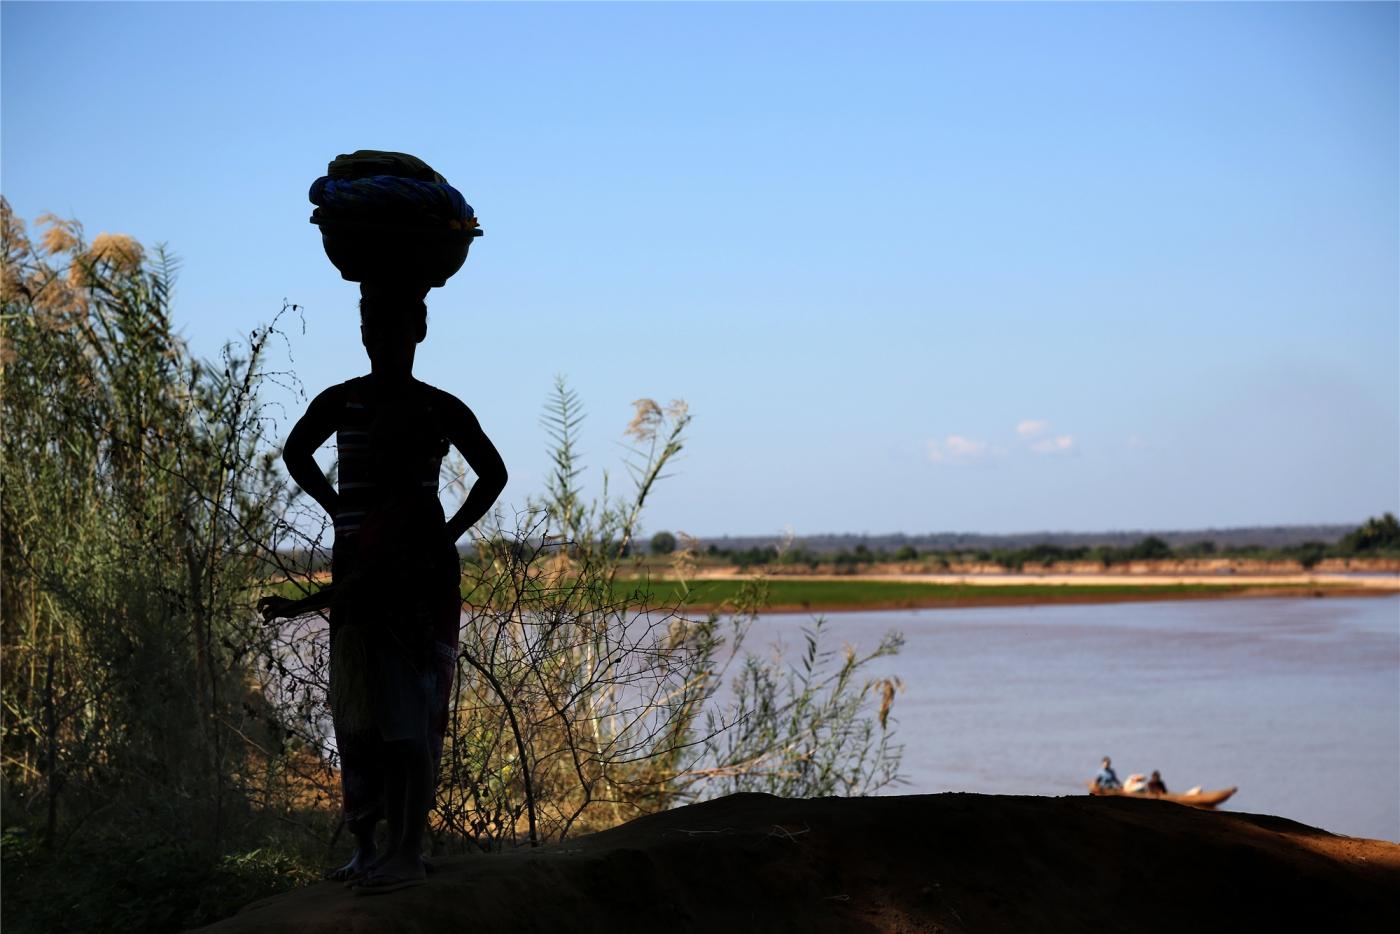 【原创实拍】黑色脸谱  ——行摄南部非洲(人像篇)_图1-20